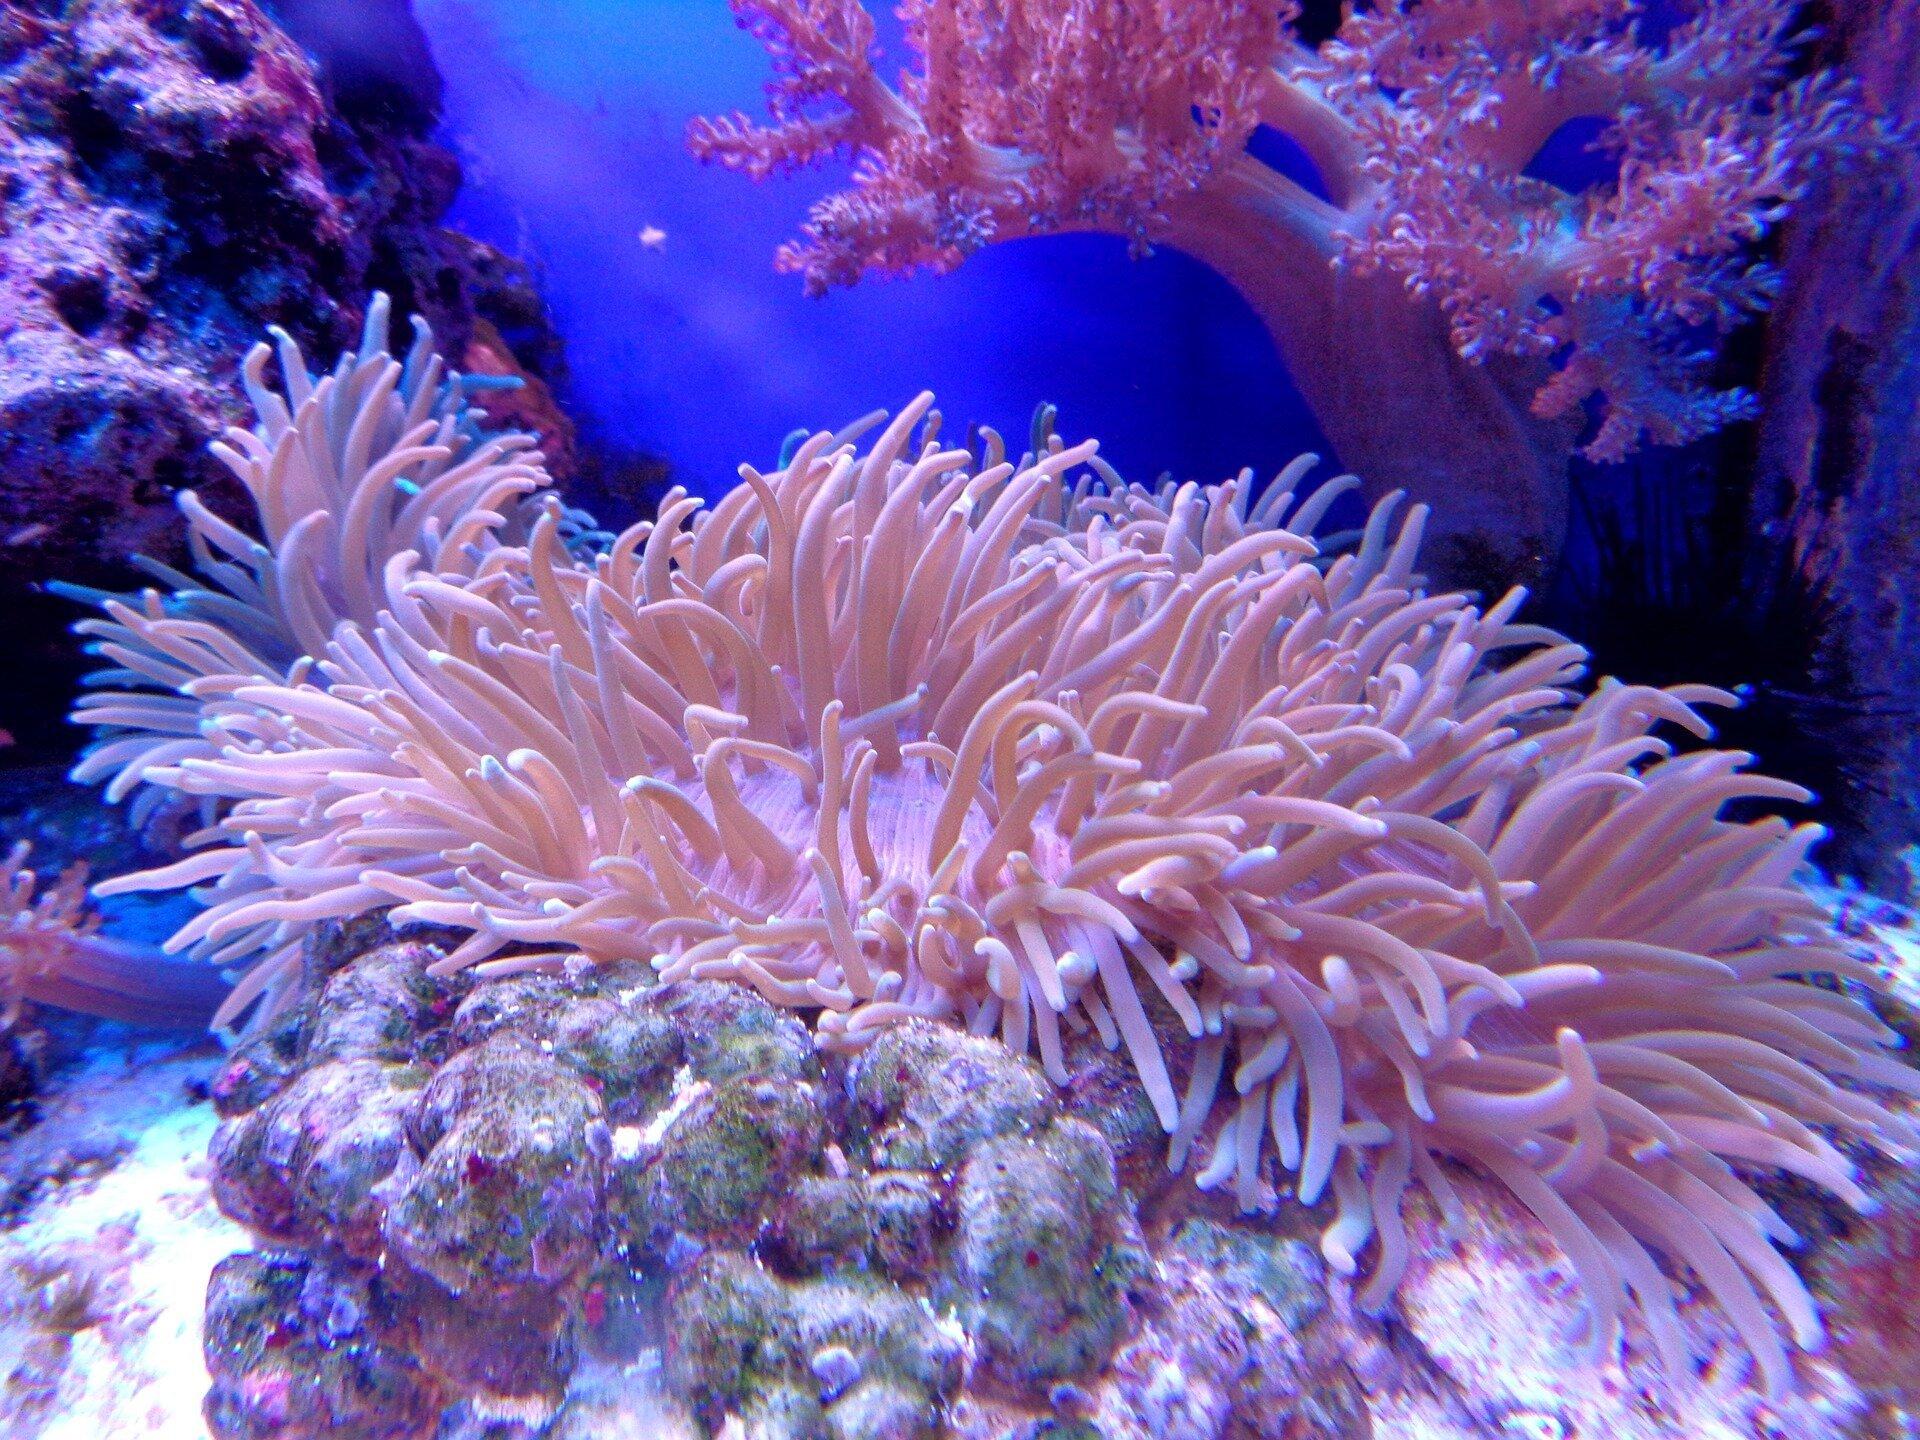 Ảnh san hô dưới đáy biển đẹp